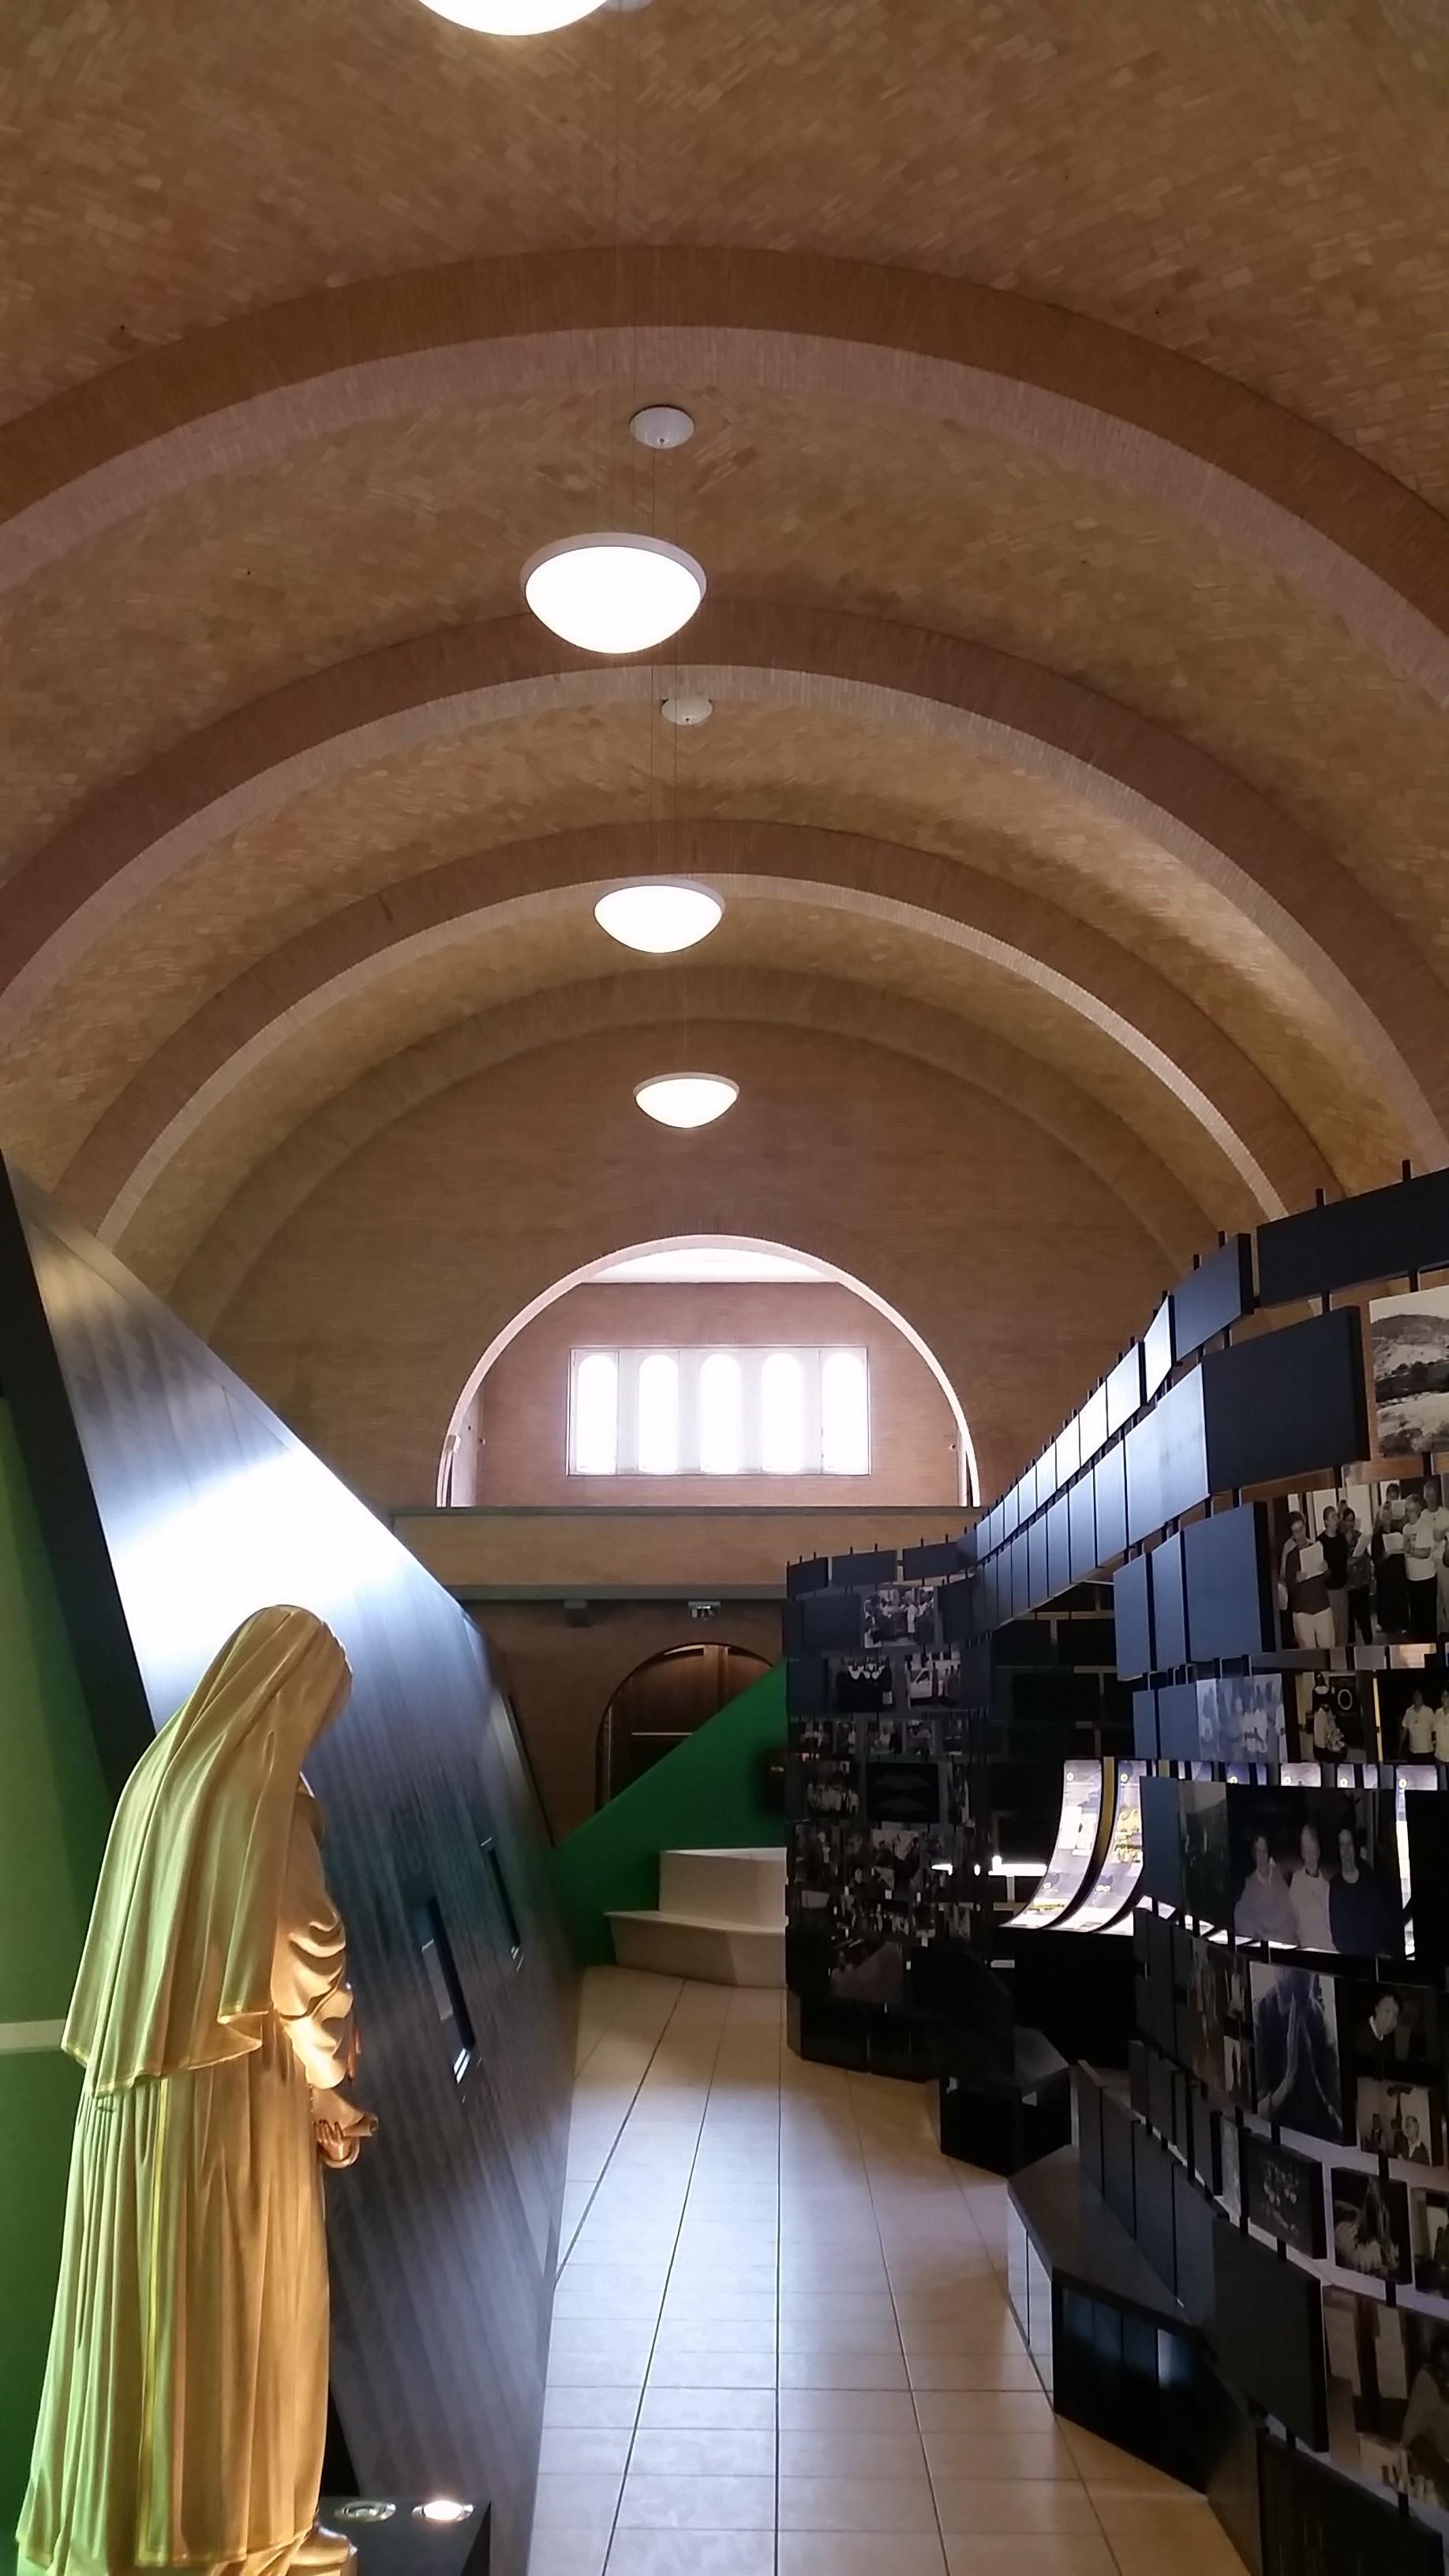 Centre d'héritage des Sœurs de Notre-Dame de Namur